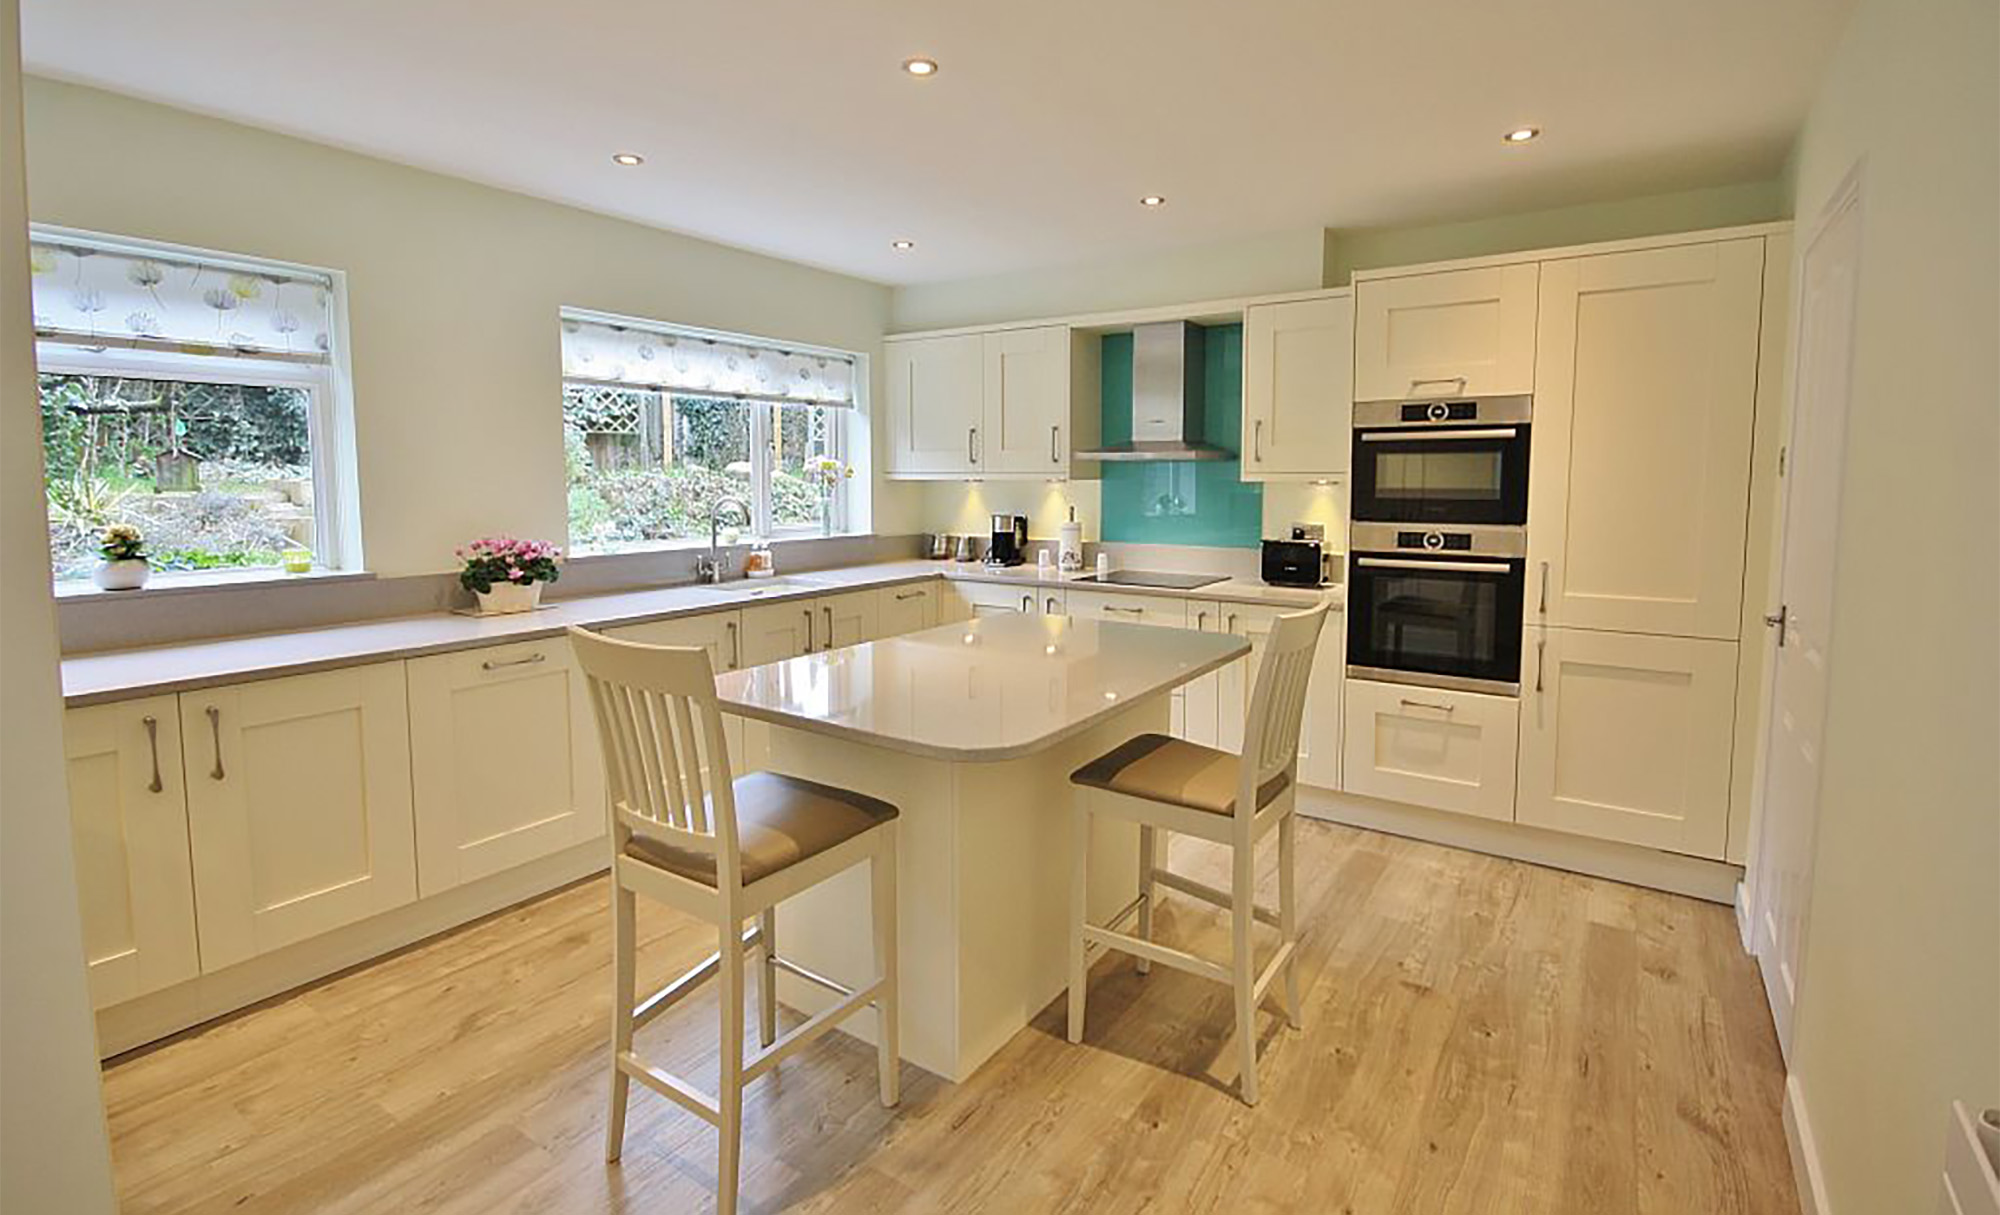 Windsor Shaker Ivory Kitchen By KitchenCraft of Essex